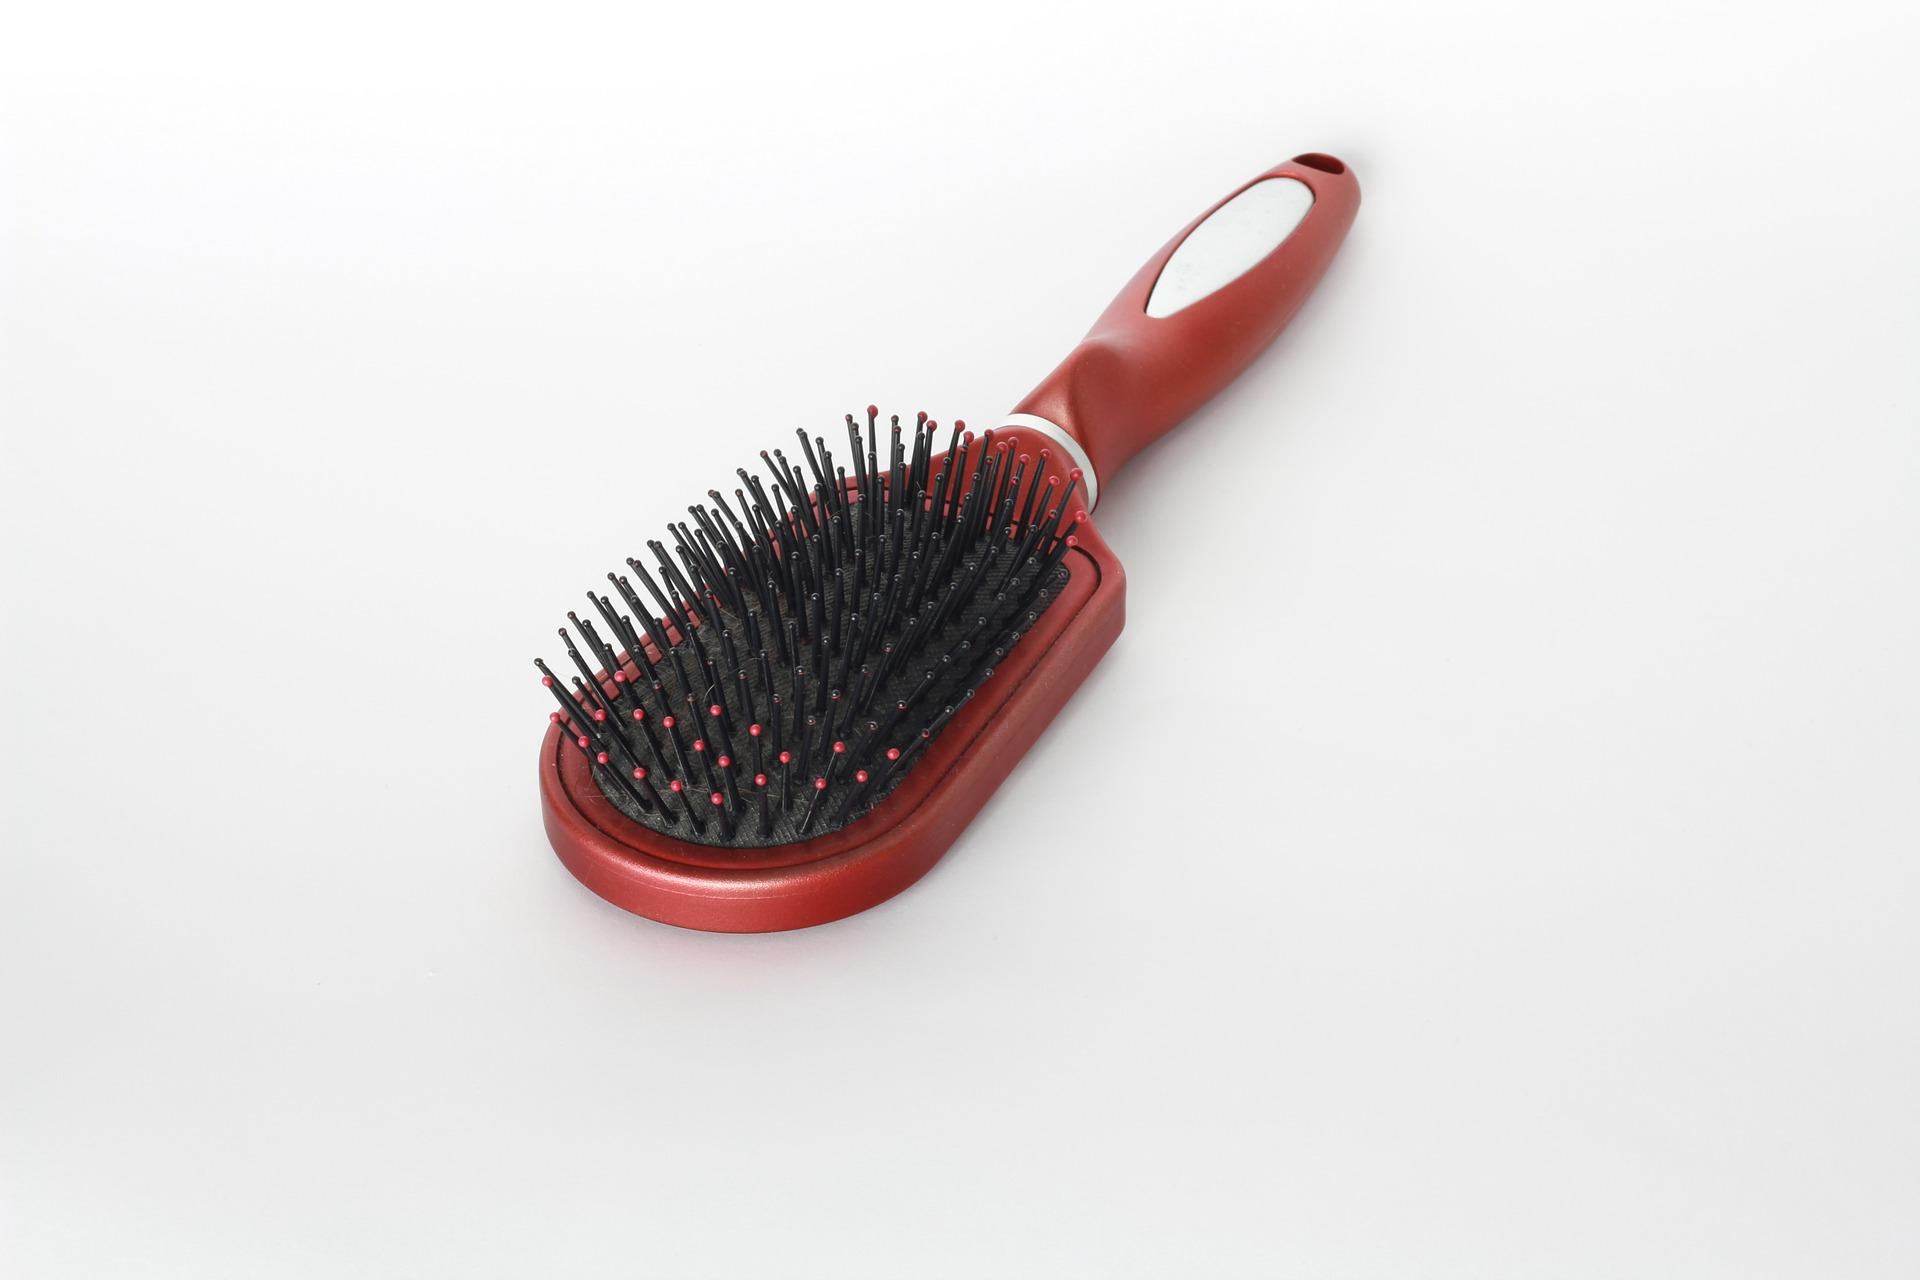 La brosse plate ronde (ou brosse de massage)